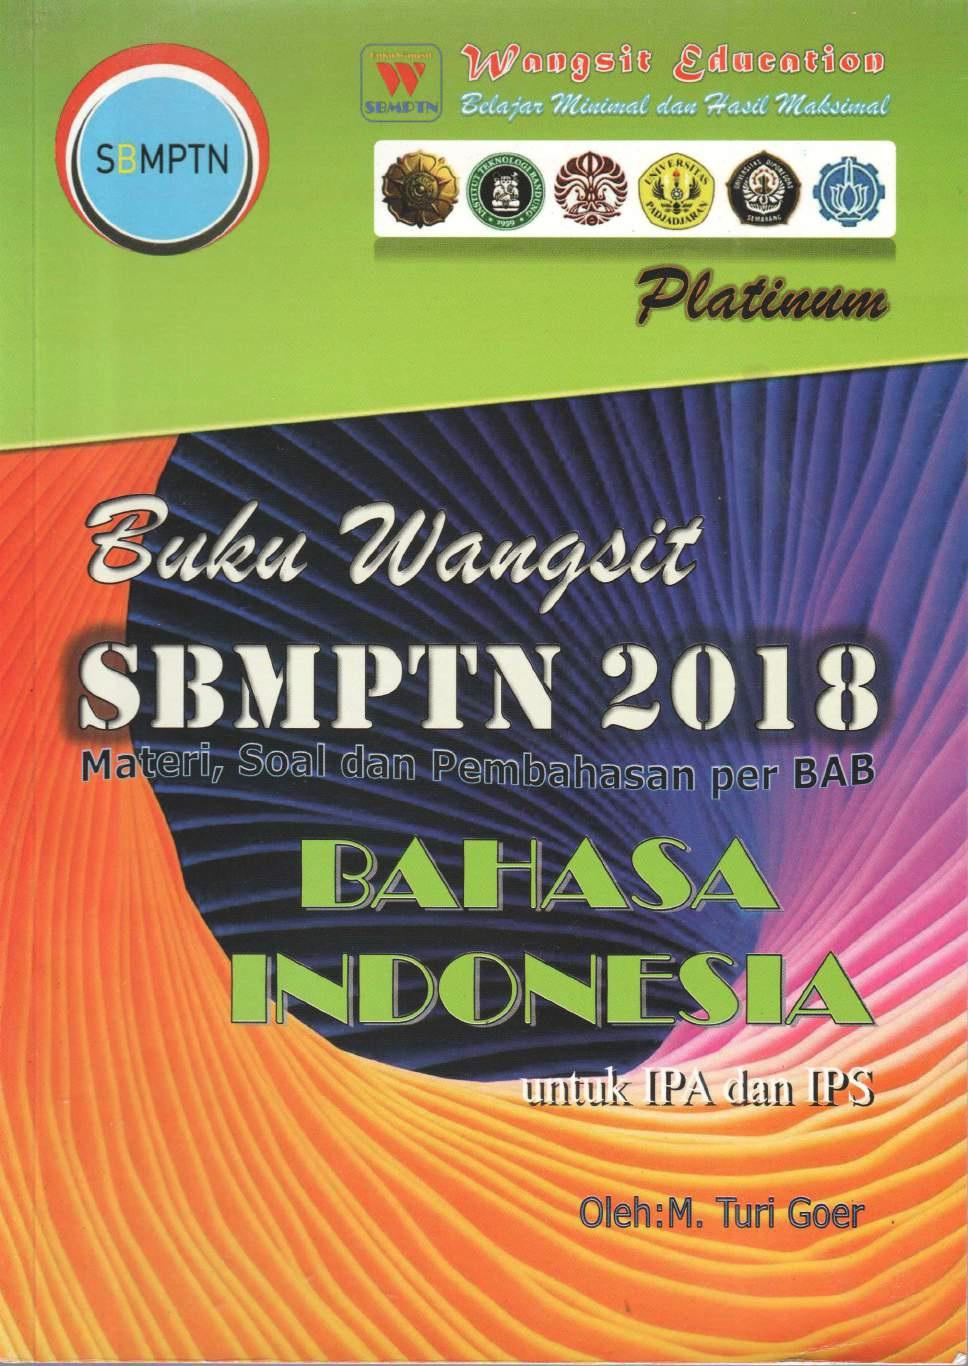 Buku Wangsit SBMPTN 2018 Bahasa Indonesia Untuk IPA dan IPS